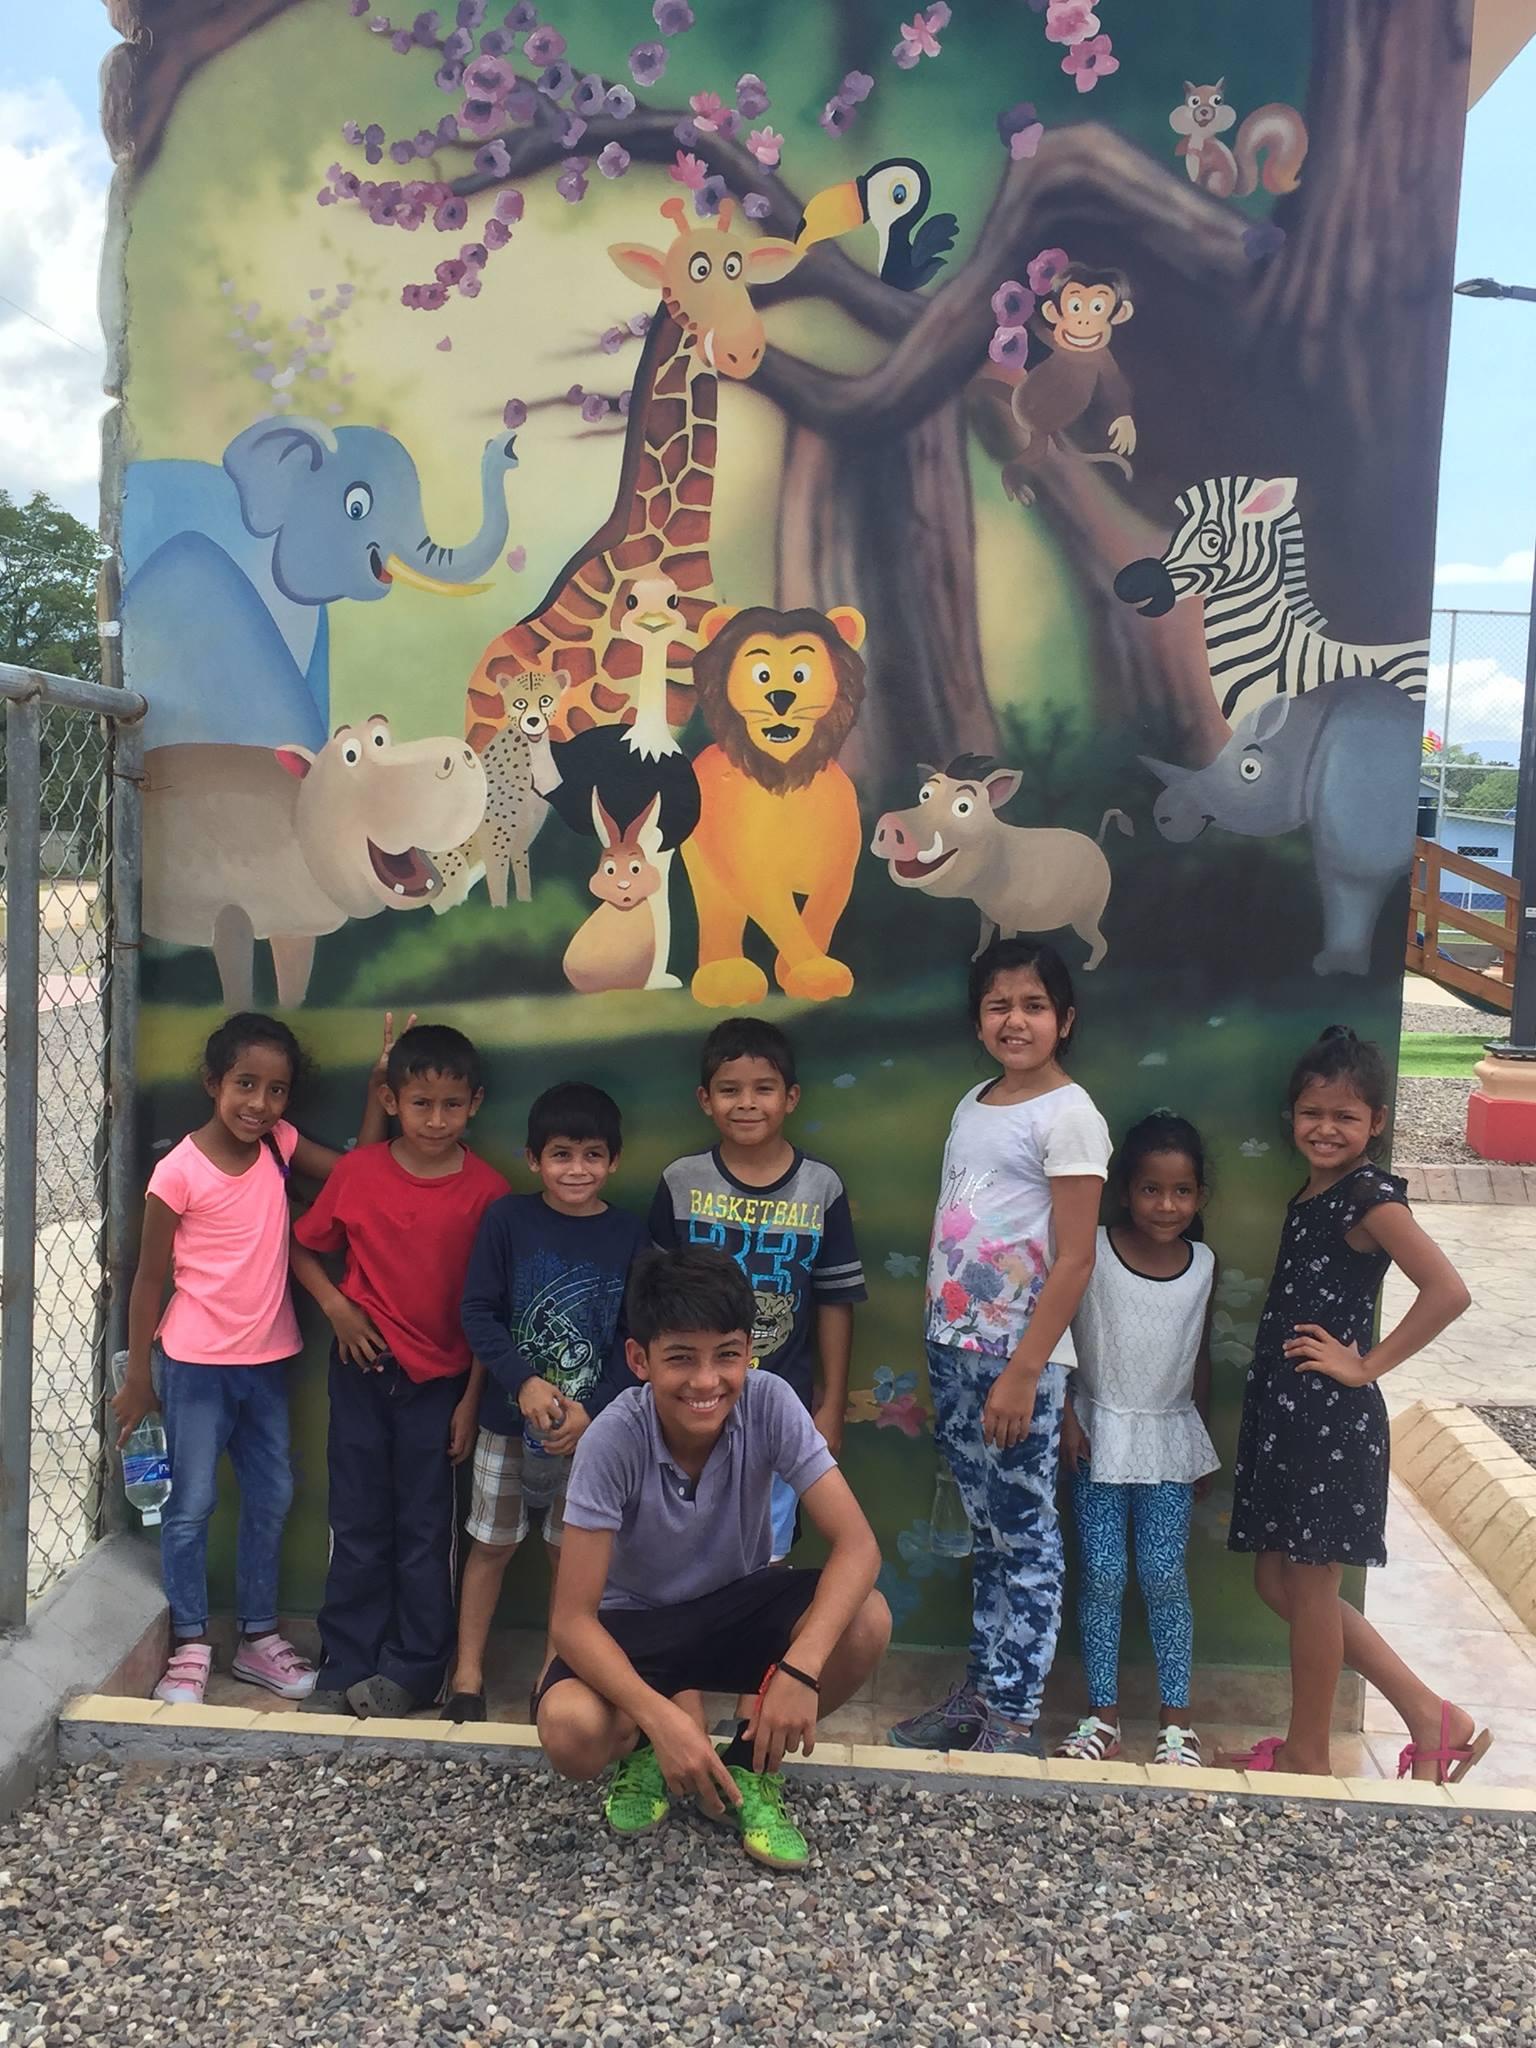 Natasha and friends at a park during October vacations.